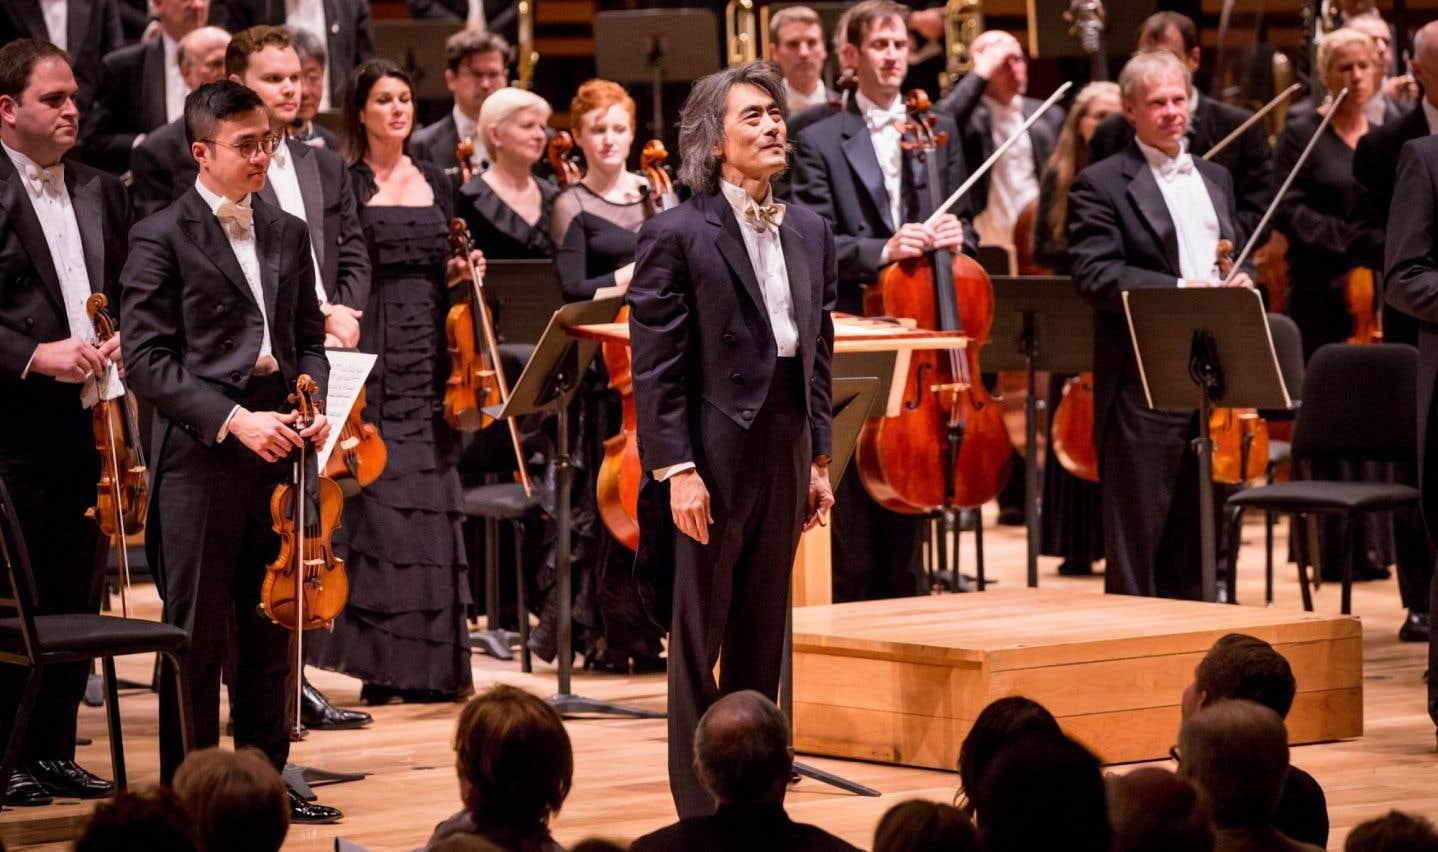 «[...] L'achalandage monstre à la Virée classique de l'OSM et l'enthousiasme débordant sont des indices éloquents que la musique classique n'est plus l'apanage d'une classe à part dans notre société», écrit Carol Patch-Neveu.